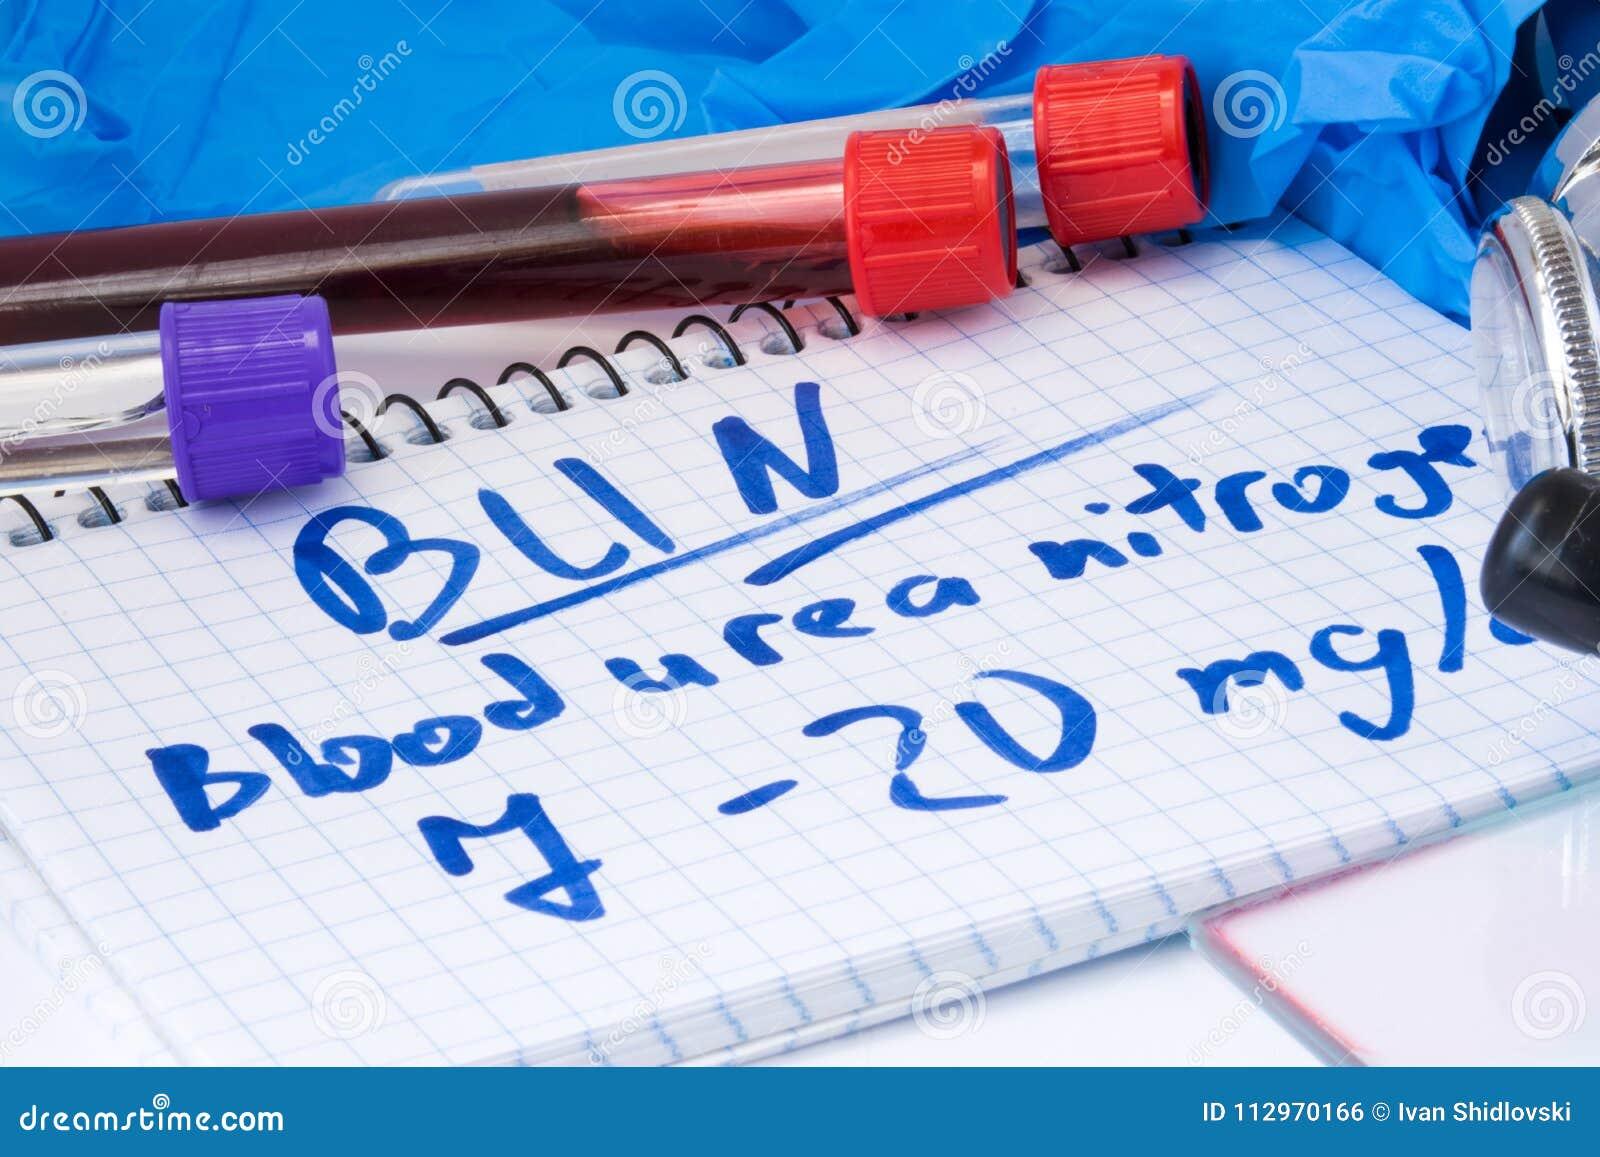 Laboratorio Del Nitrógeno Del BOLLO O De Urea De Sangre En Tubos De ...